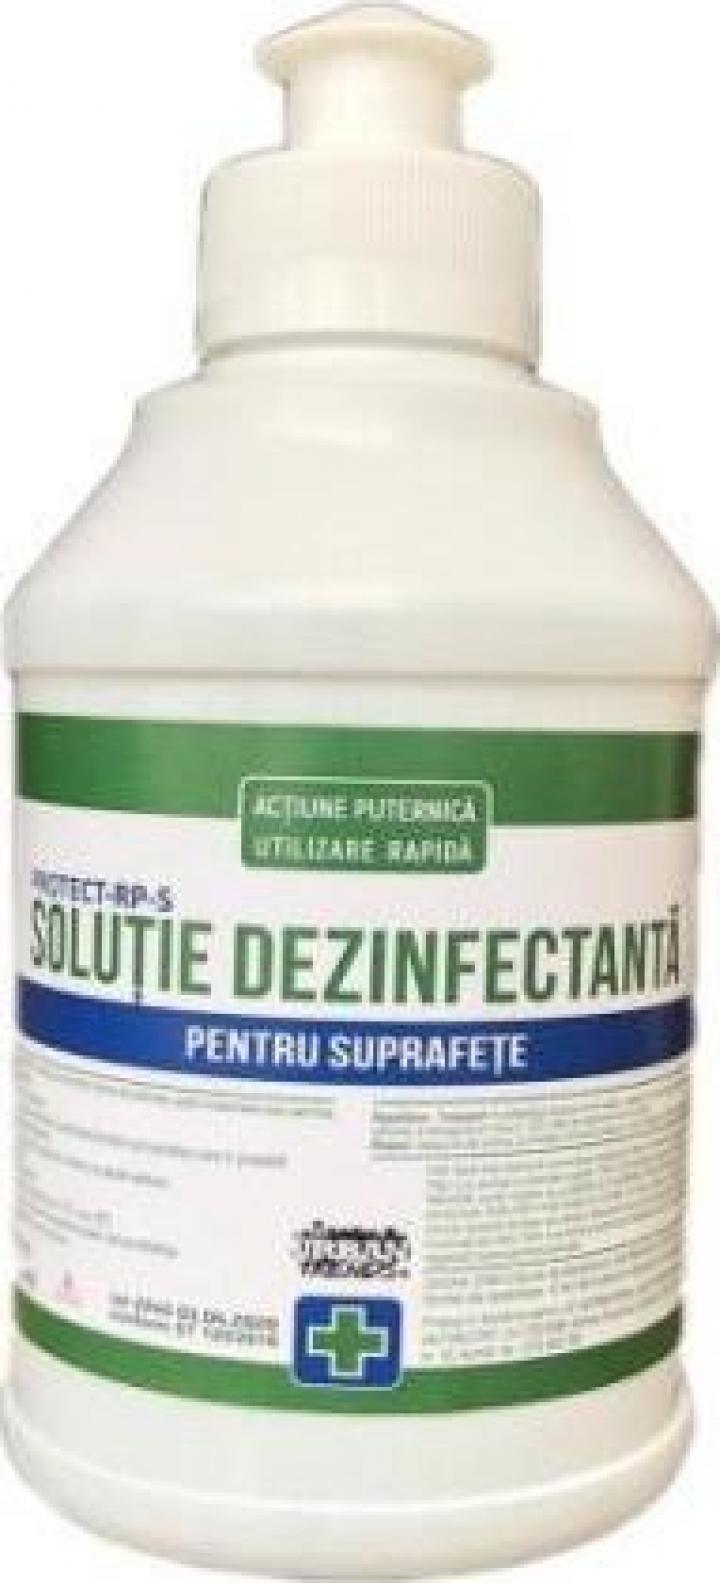 Solutie dezinfectanta pentru suprafete, 250 ml